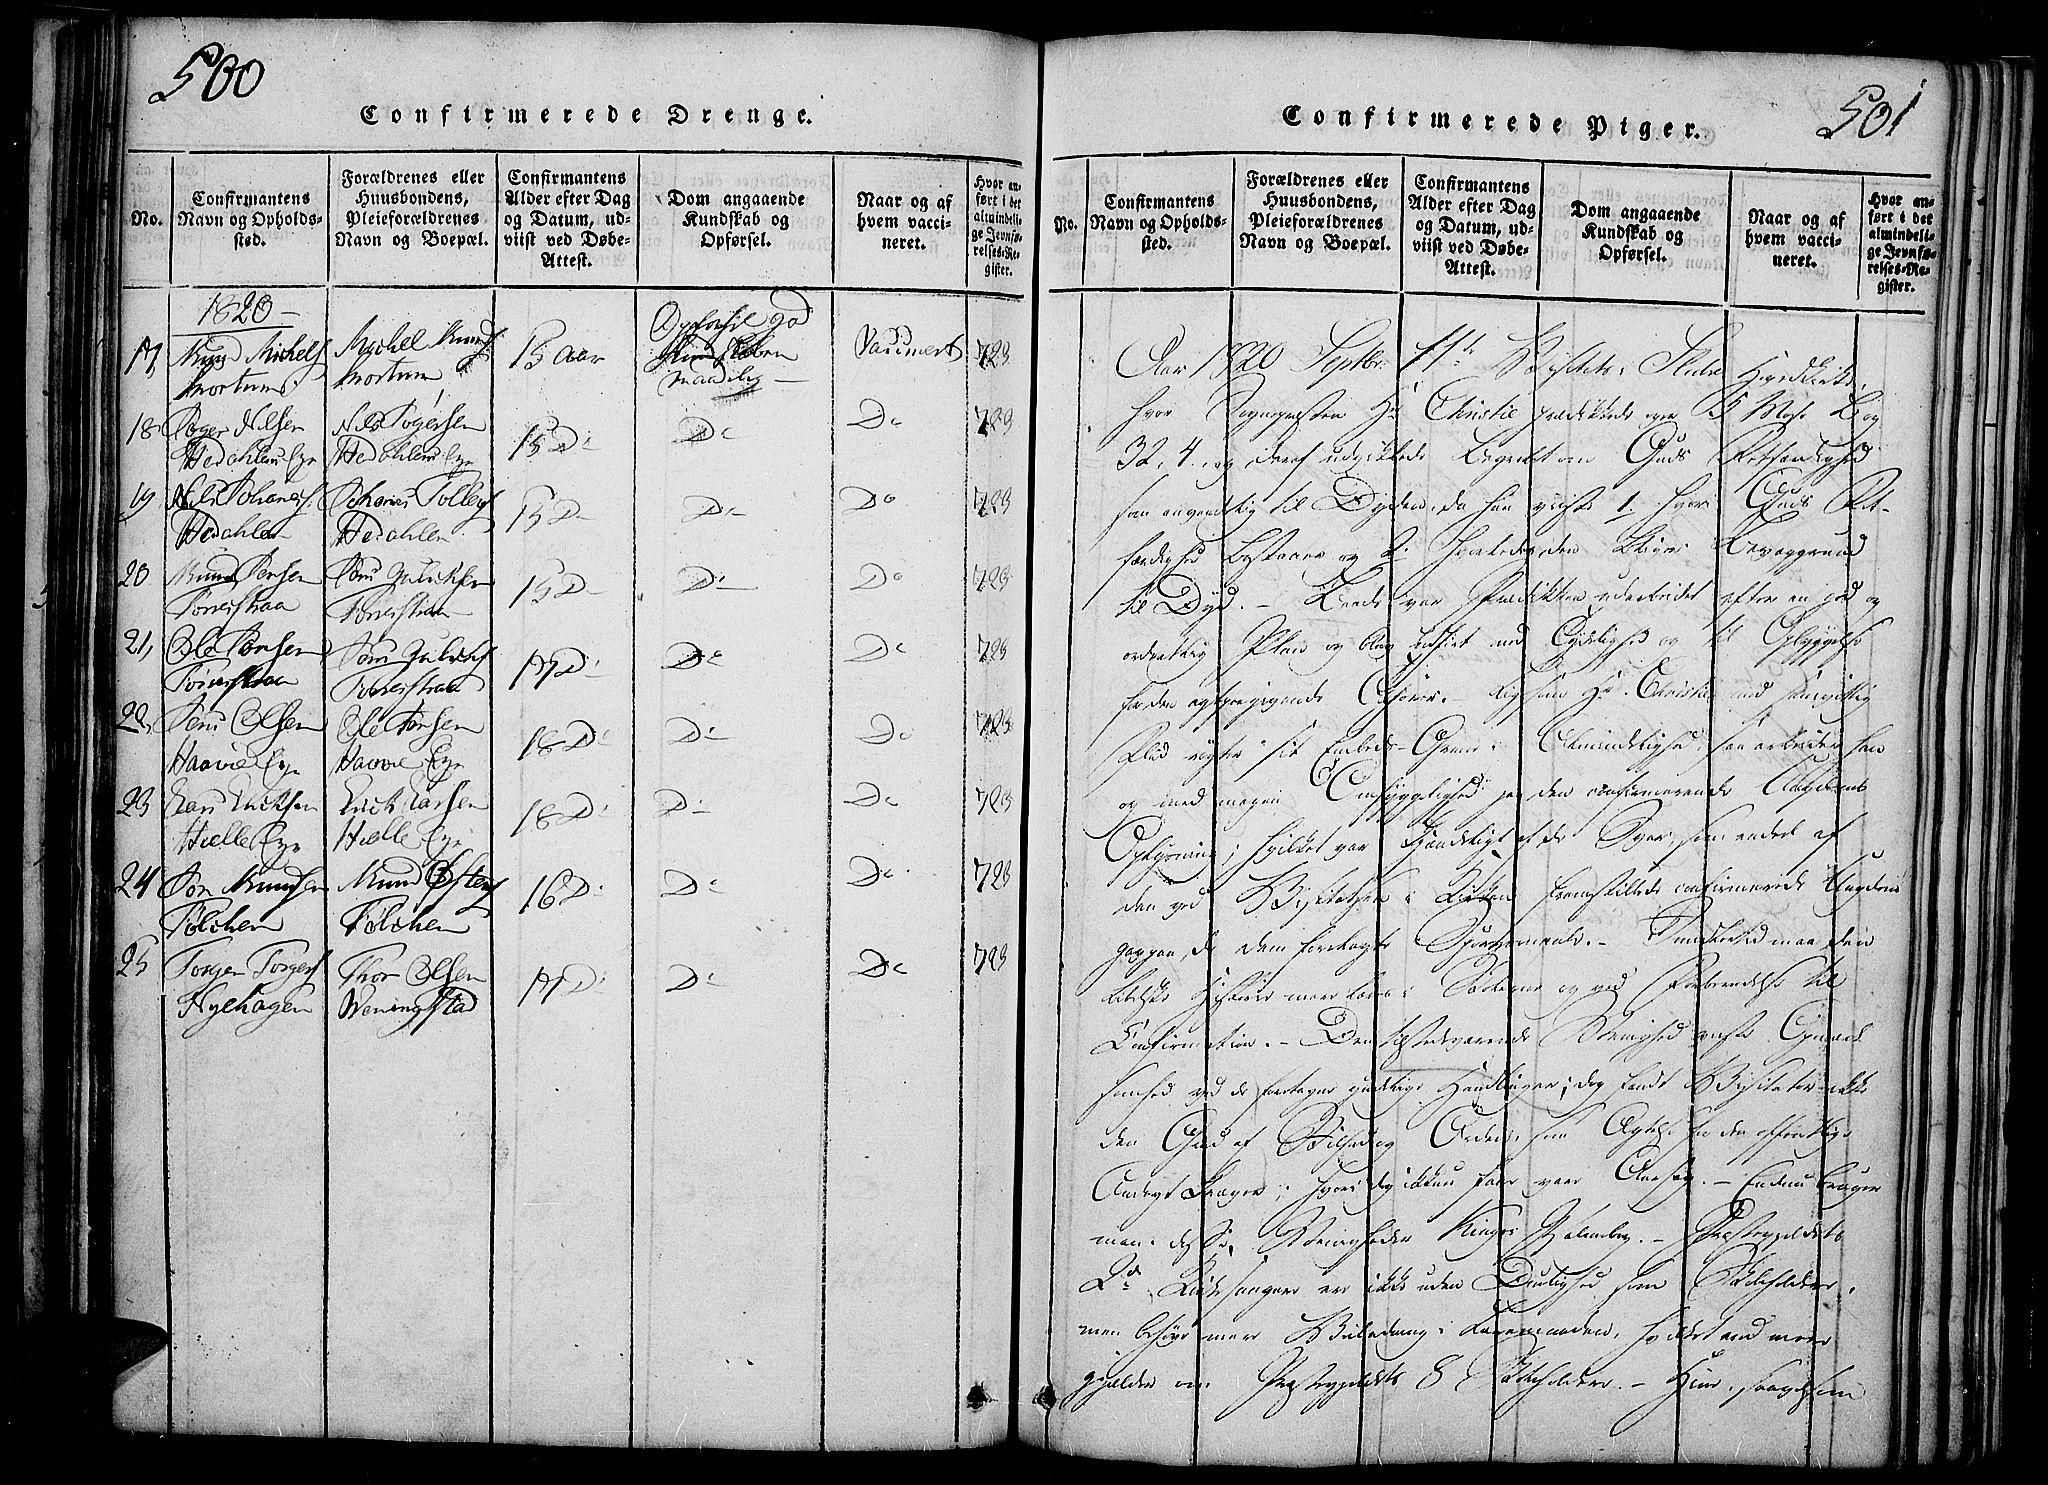 SAH, Slidre prestekontor, Ministerialbok nr. 2, 1814-1830, s. 500-501